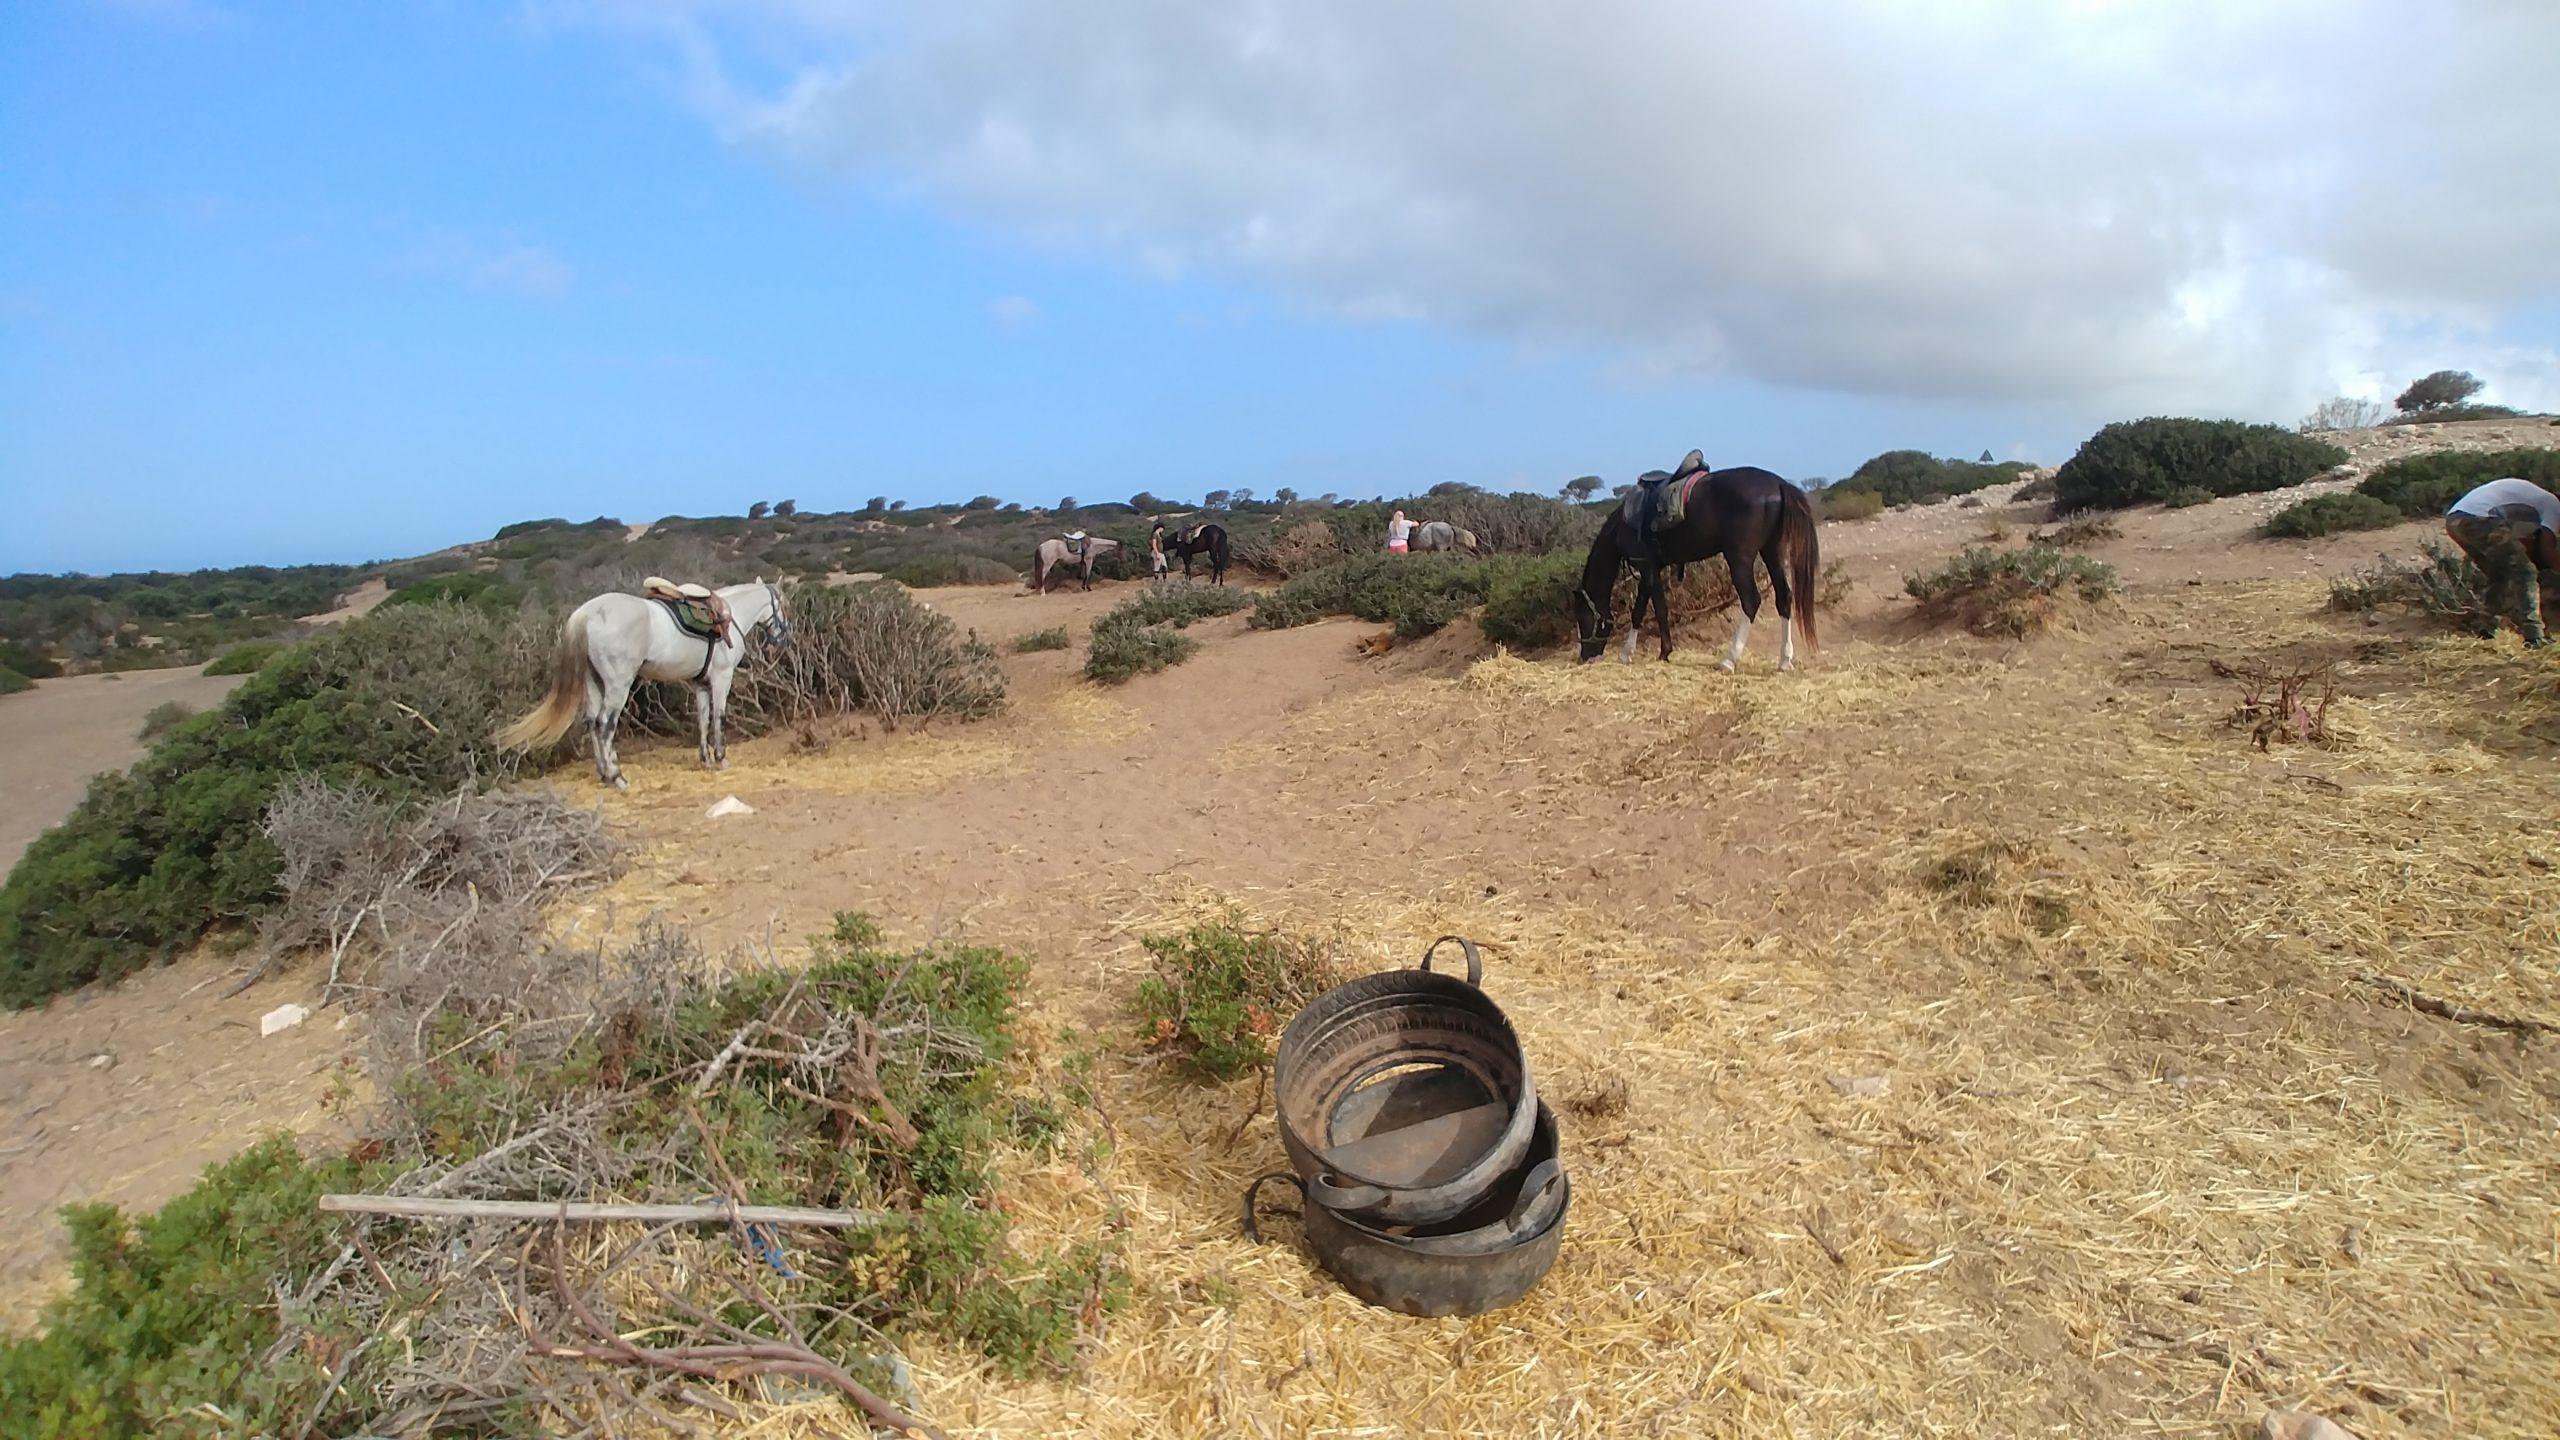 Maroc - Chevaux avant le départ en randonnée